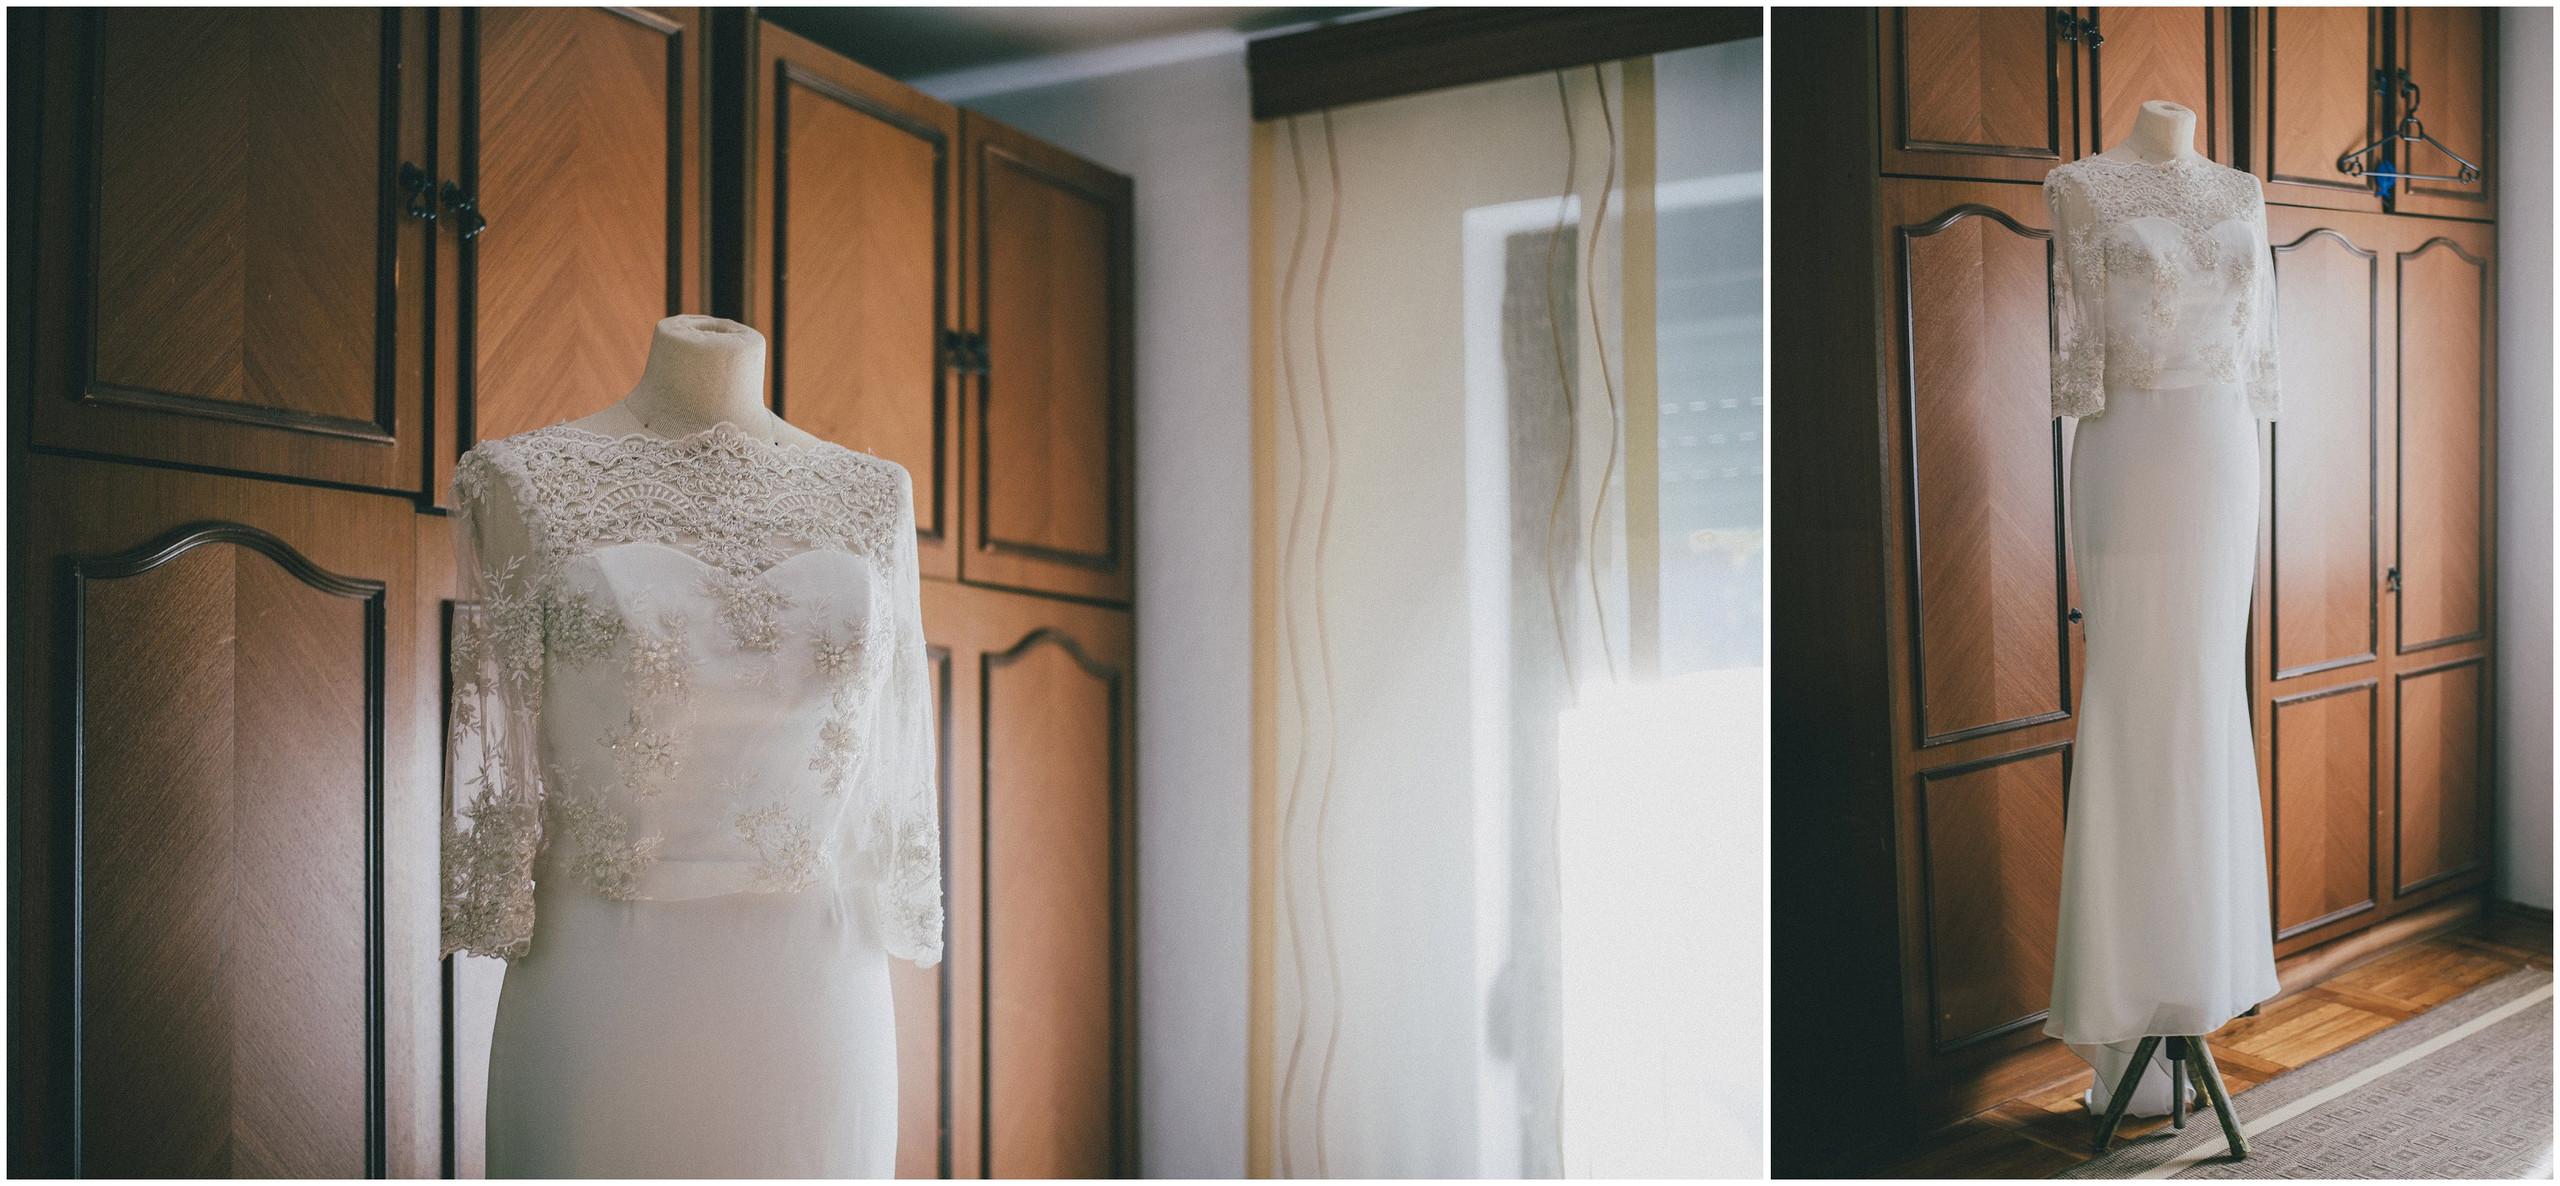 Vjenčanica na vješalici